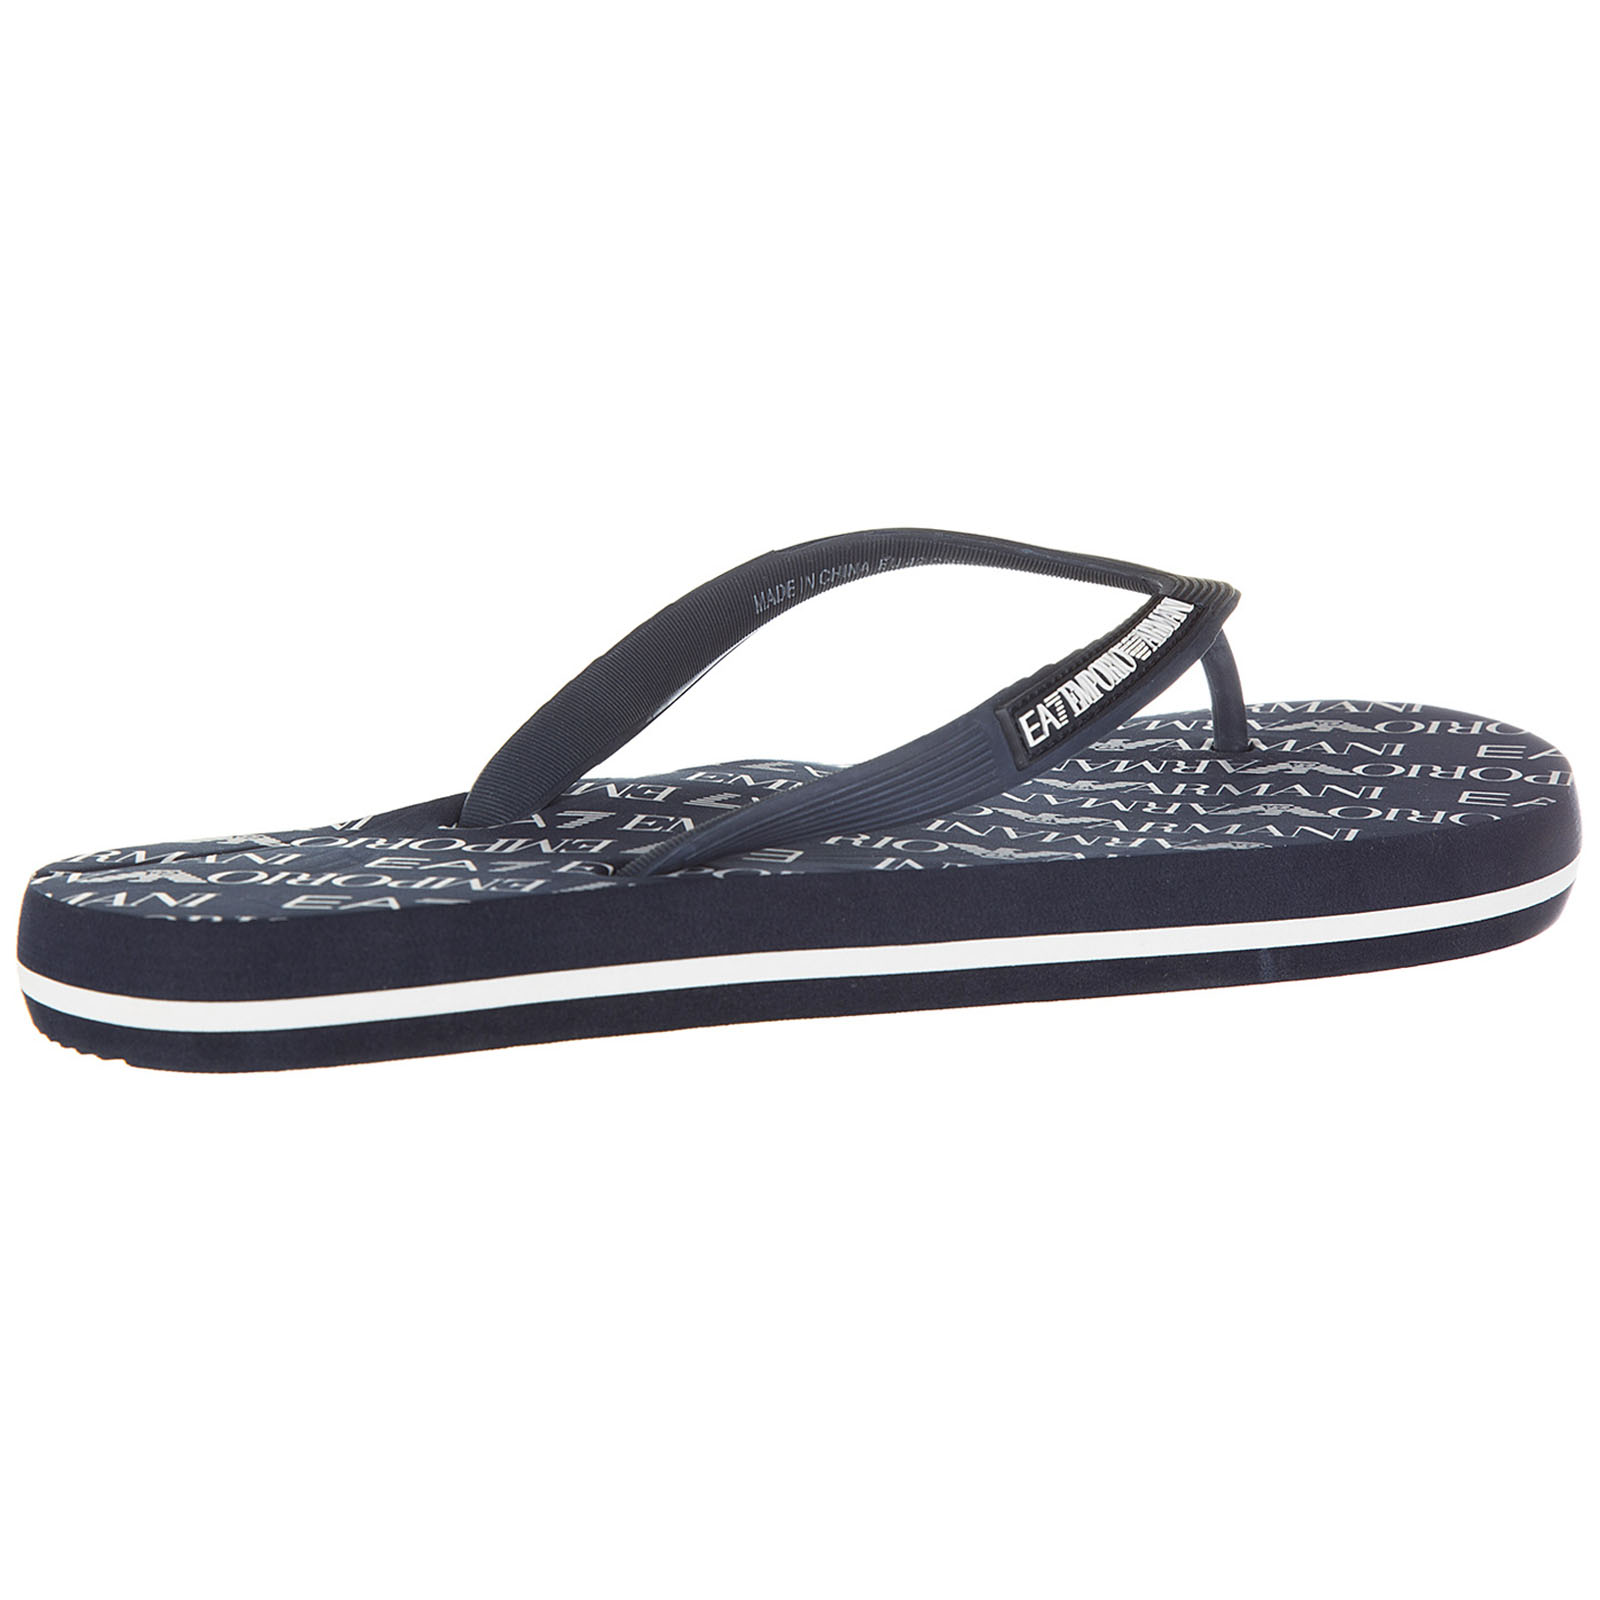 Hombres zapatillas sandalias chanclas en goma  sea world